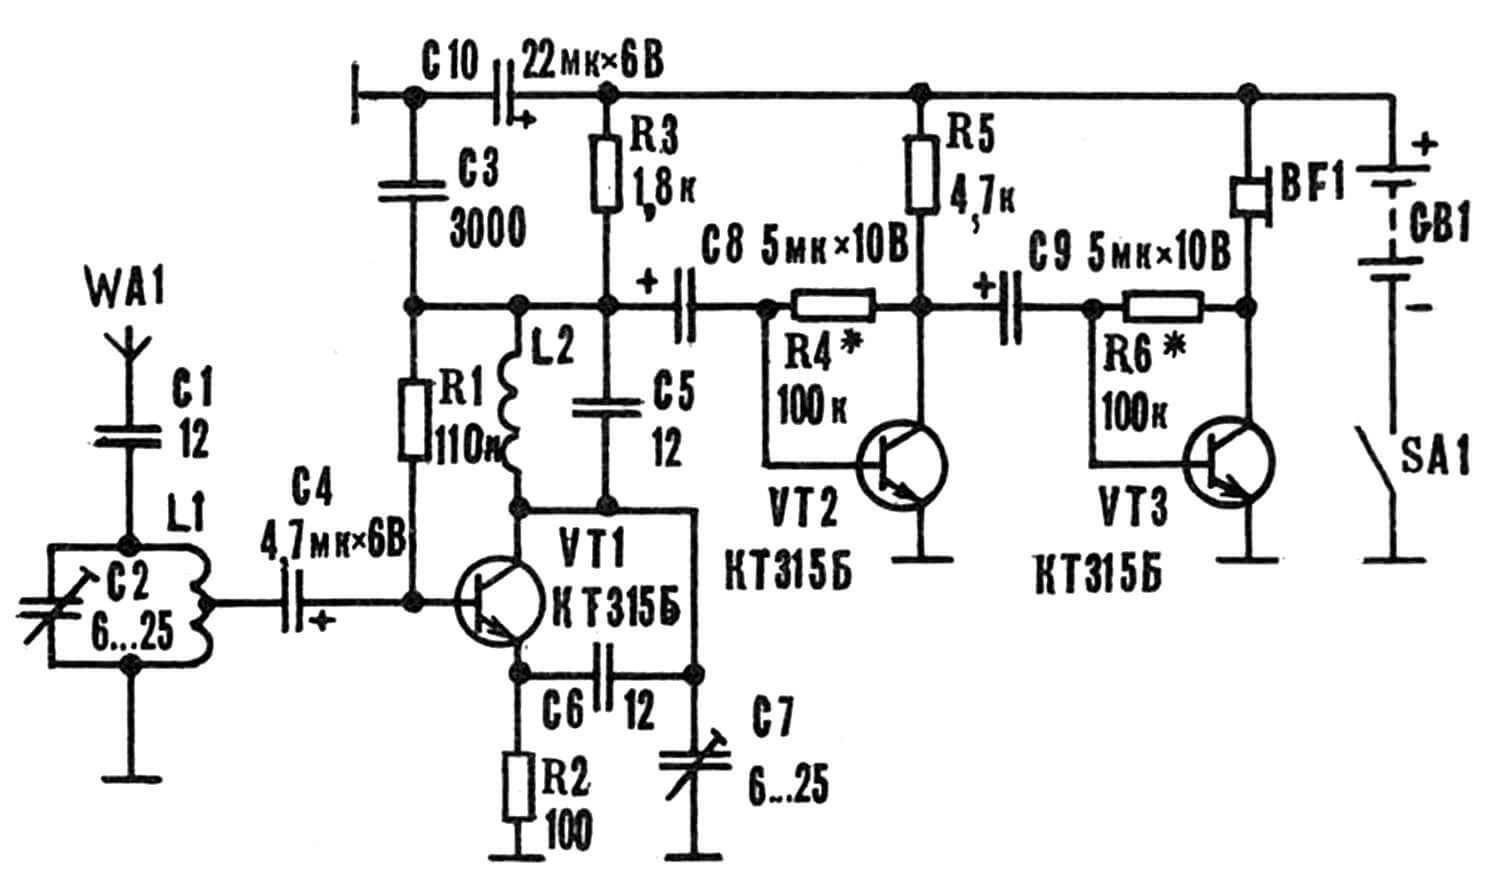 Принципиальная электрическая схема автономной радиокассеты для магнитофона.